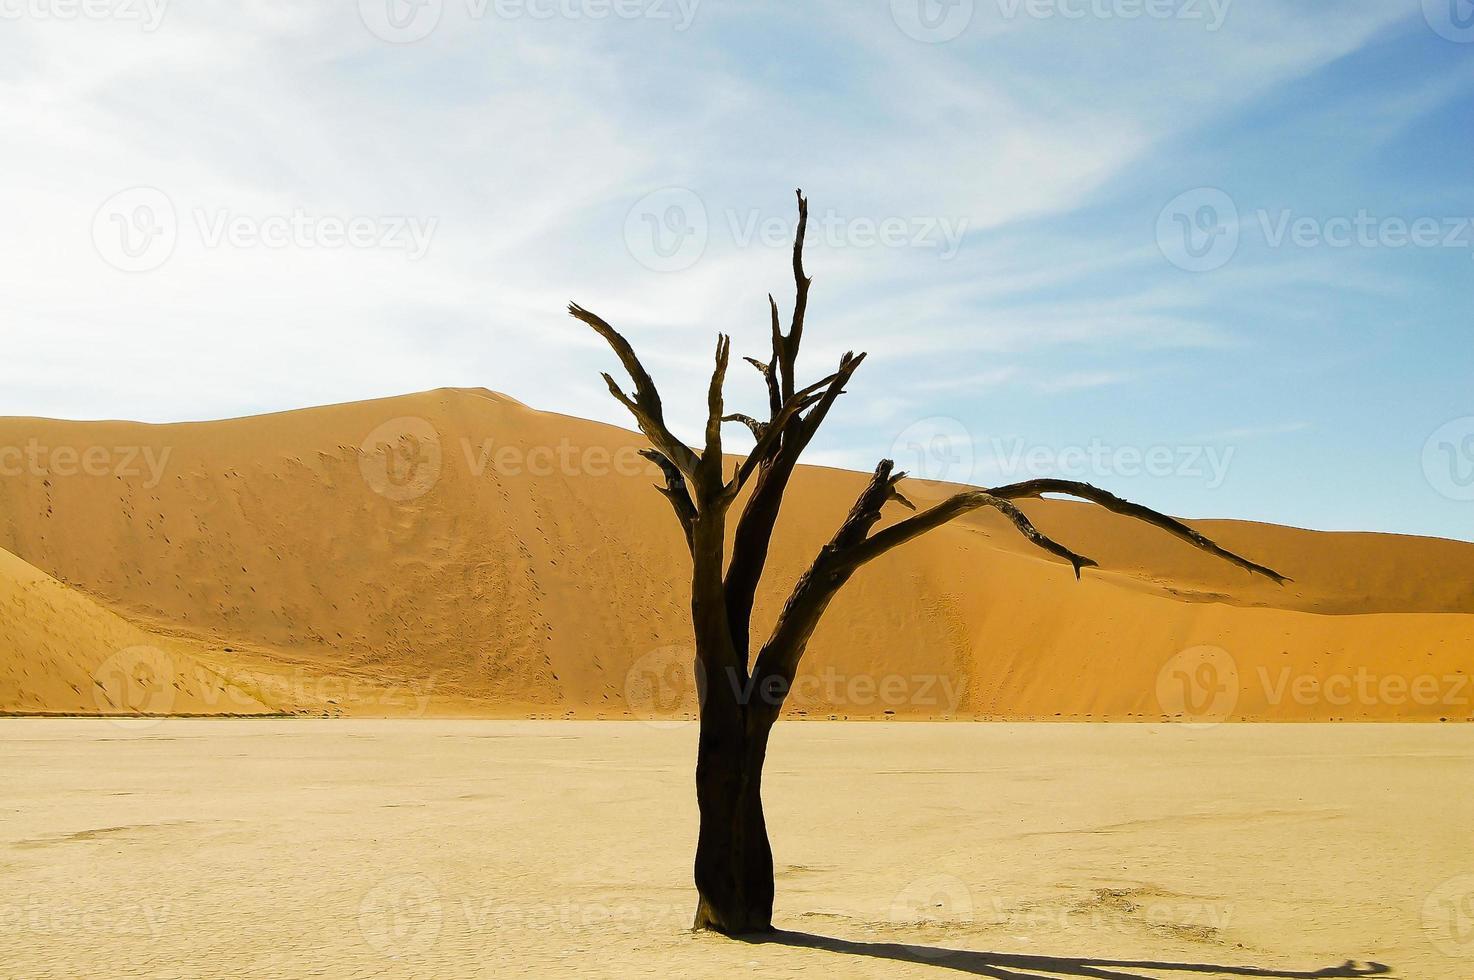 sossusvlei: namibia foto